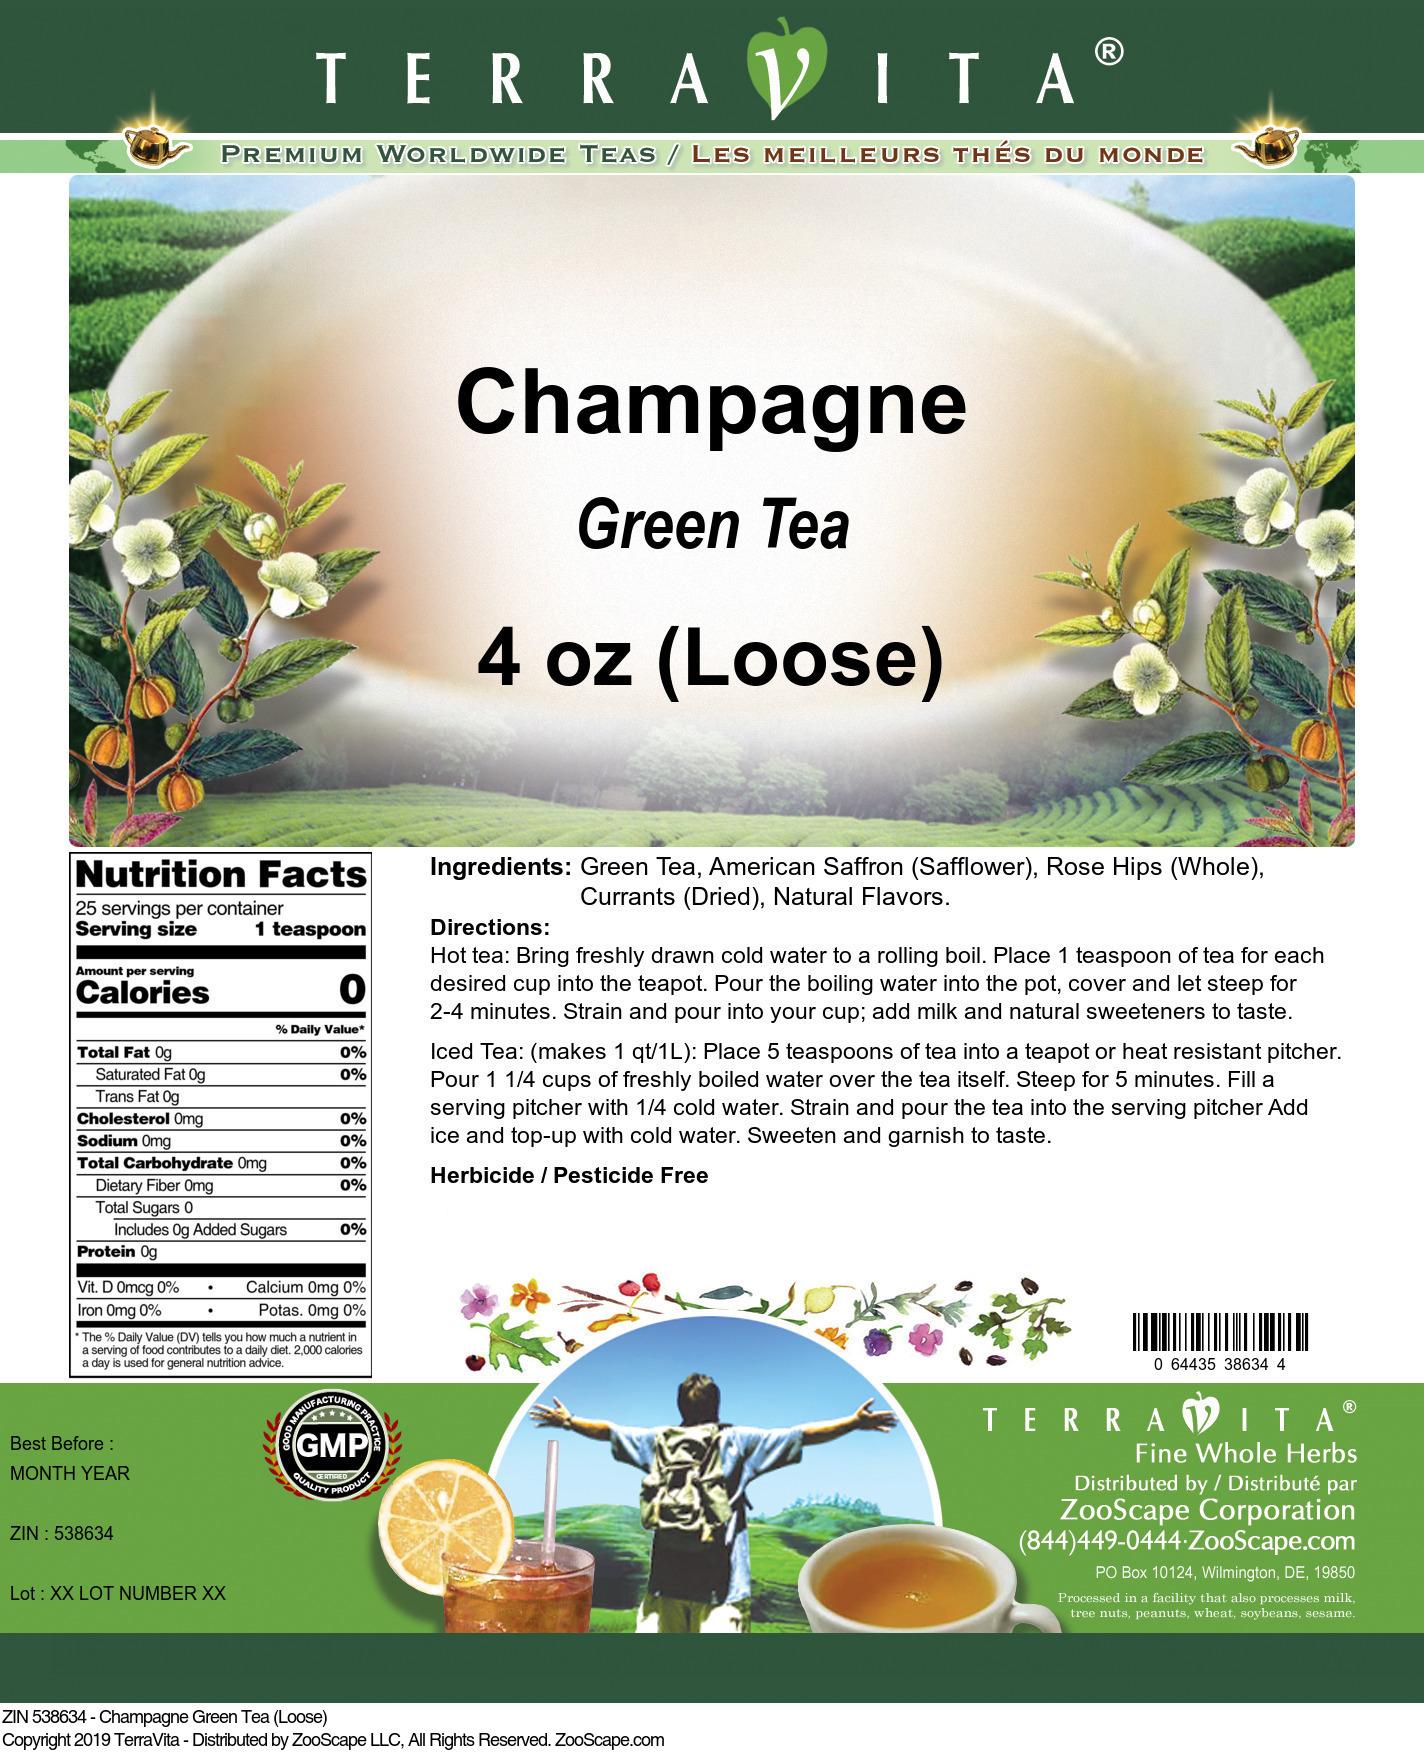 Champagne Green Tea